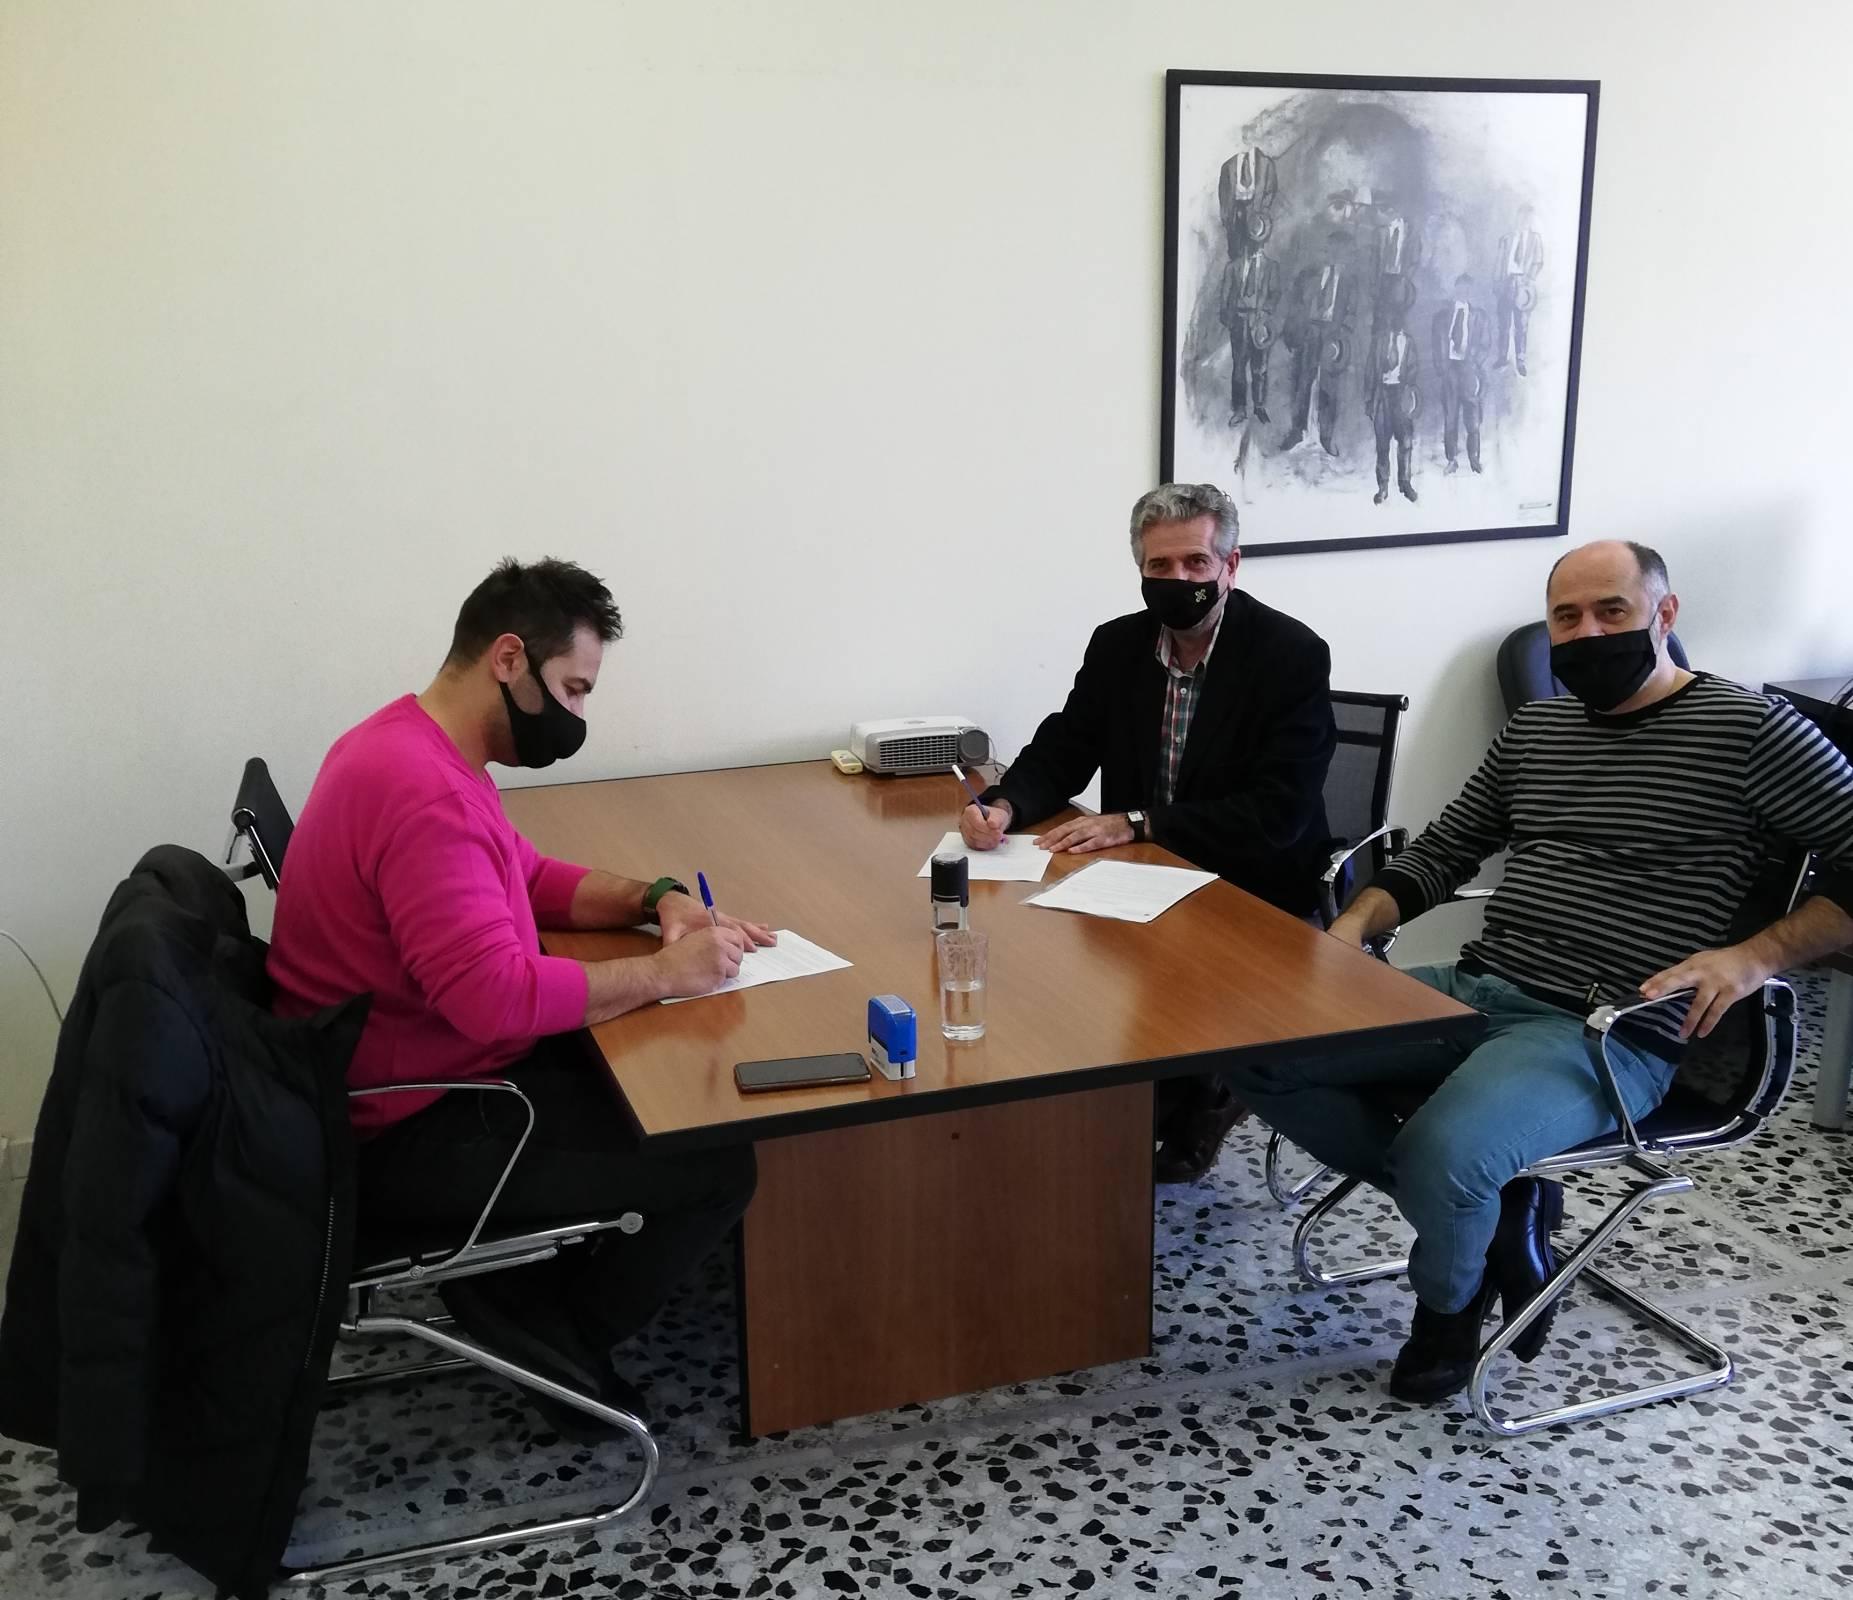 Πανεπιστήμιο Δυτικής Μακεδονίας: Υπεγράφη η σύμβαση που αφορά το έργο «Διαμόρφωση εξωτερικού χώρου Νέου Διοικητηρίου, στα Κοίλα Κοζάνης».